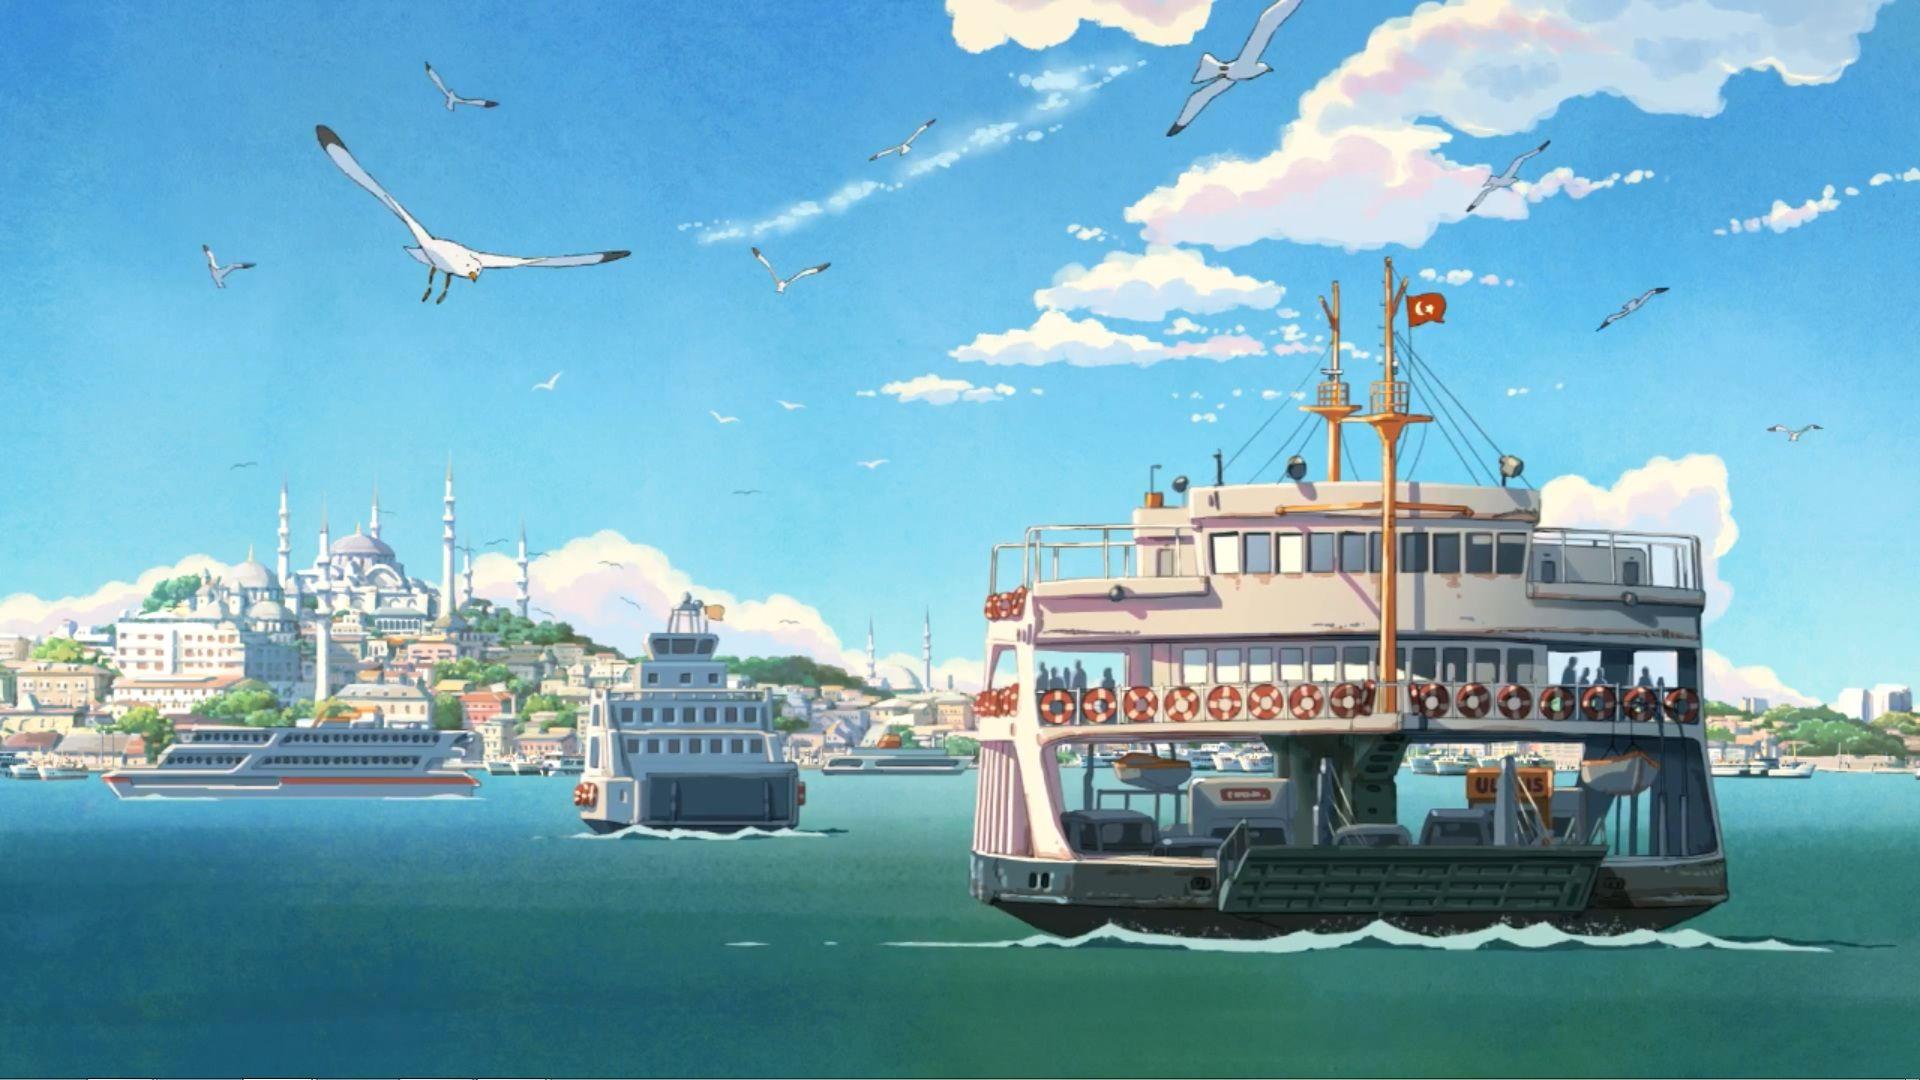 Anime scenery hd wallpaper 1920x1080 id22941 anime